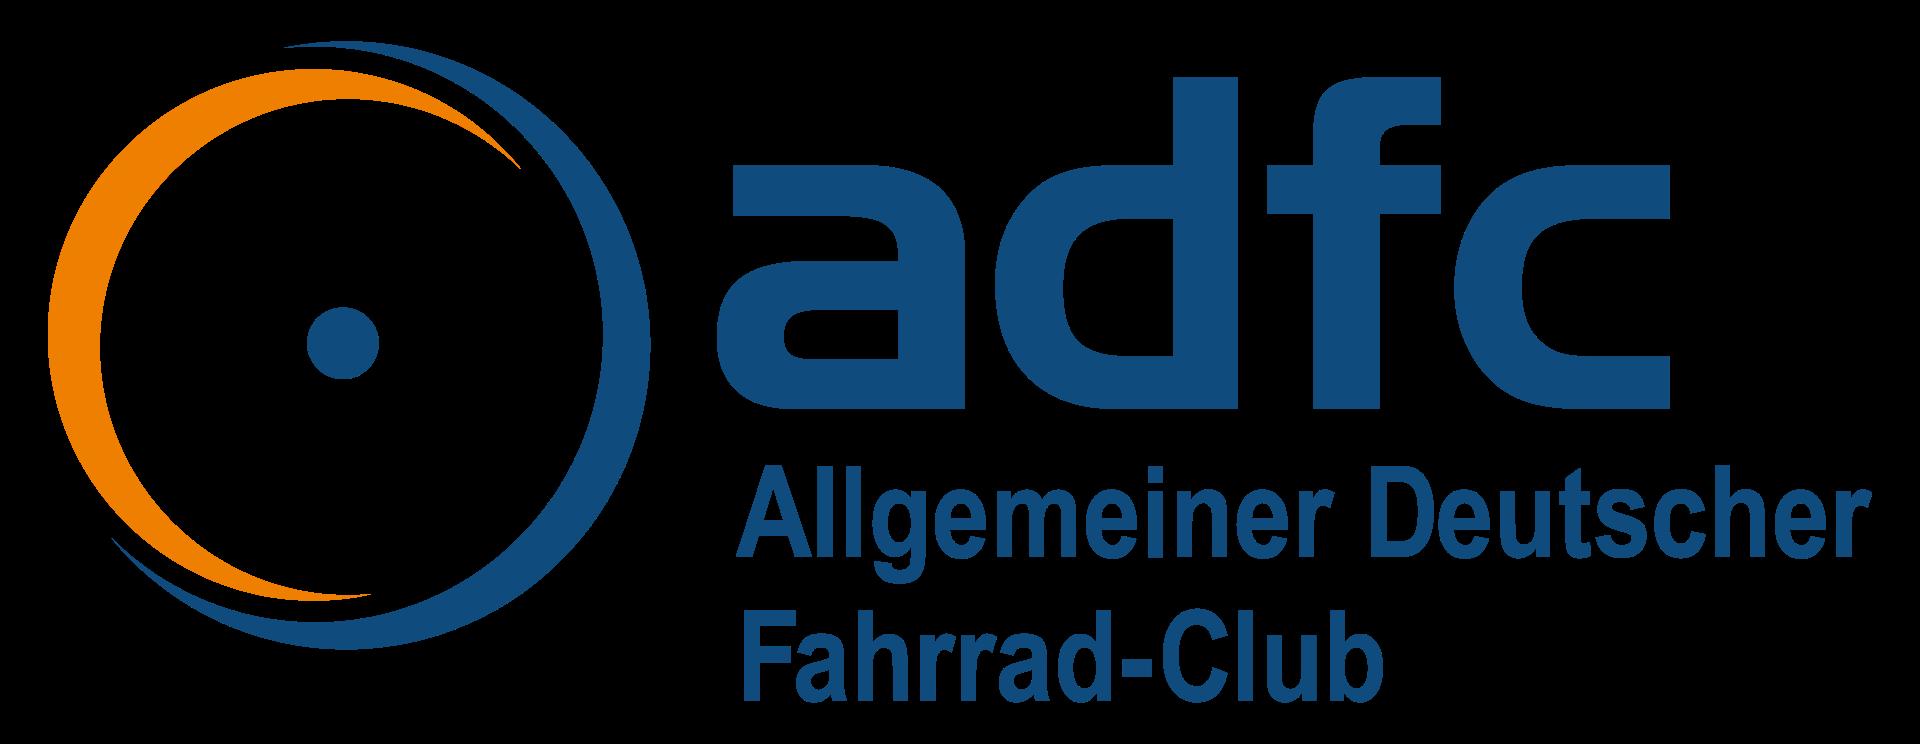 ADFC-Logo_2009_1.png